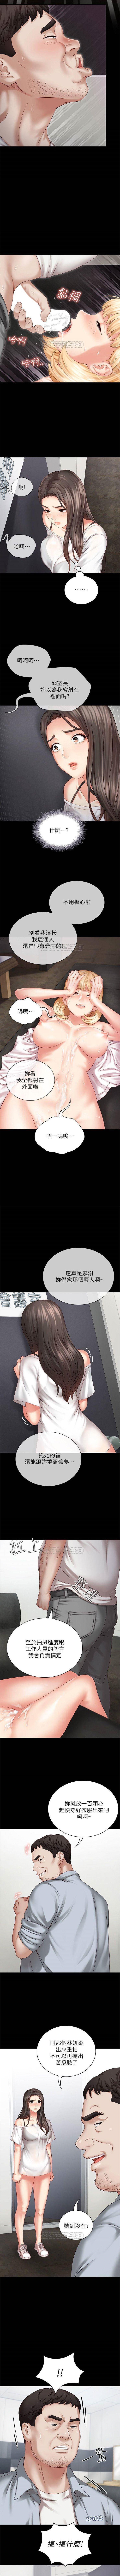 (周6)妹妹的义务 1-13 中文翻译(更新中) 49